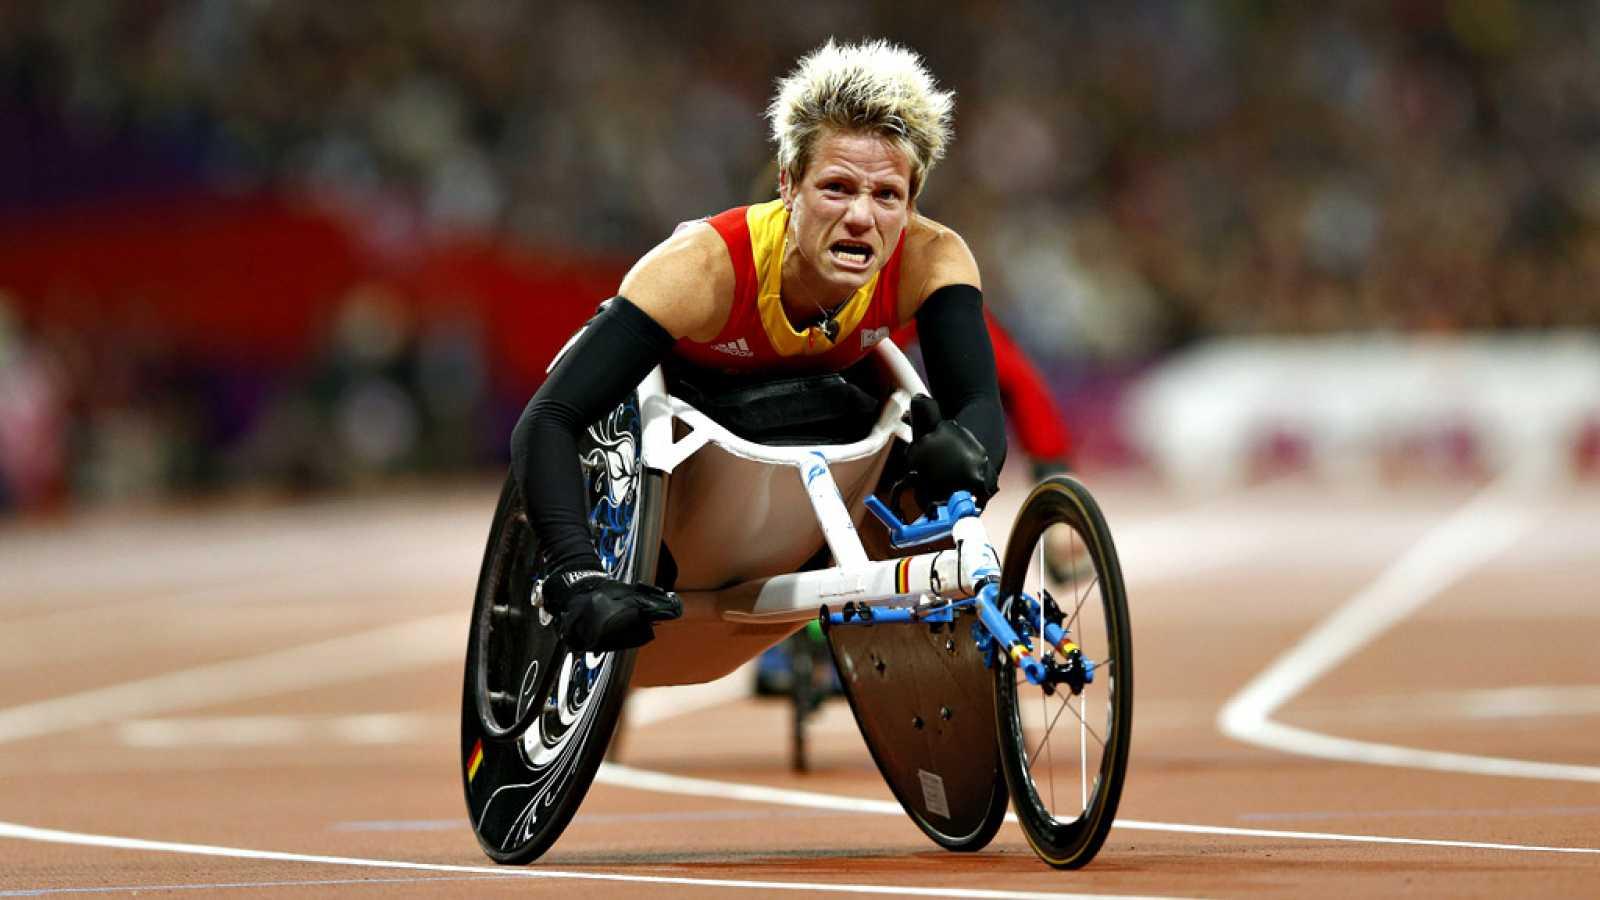 La exatleta belga Marieke Vervoort, cuatro veces medallista paralímpica, falleció el martes por la noche a los 40 años tras recibir la eutanasia. La exatleta belga, afectada por una enfermedad muscular degenerativa, pensaba desde 2008 en la opción de